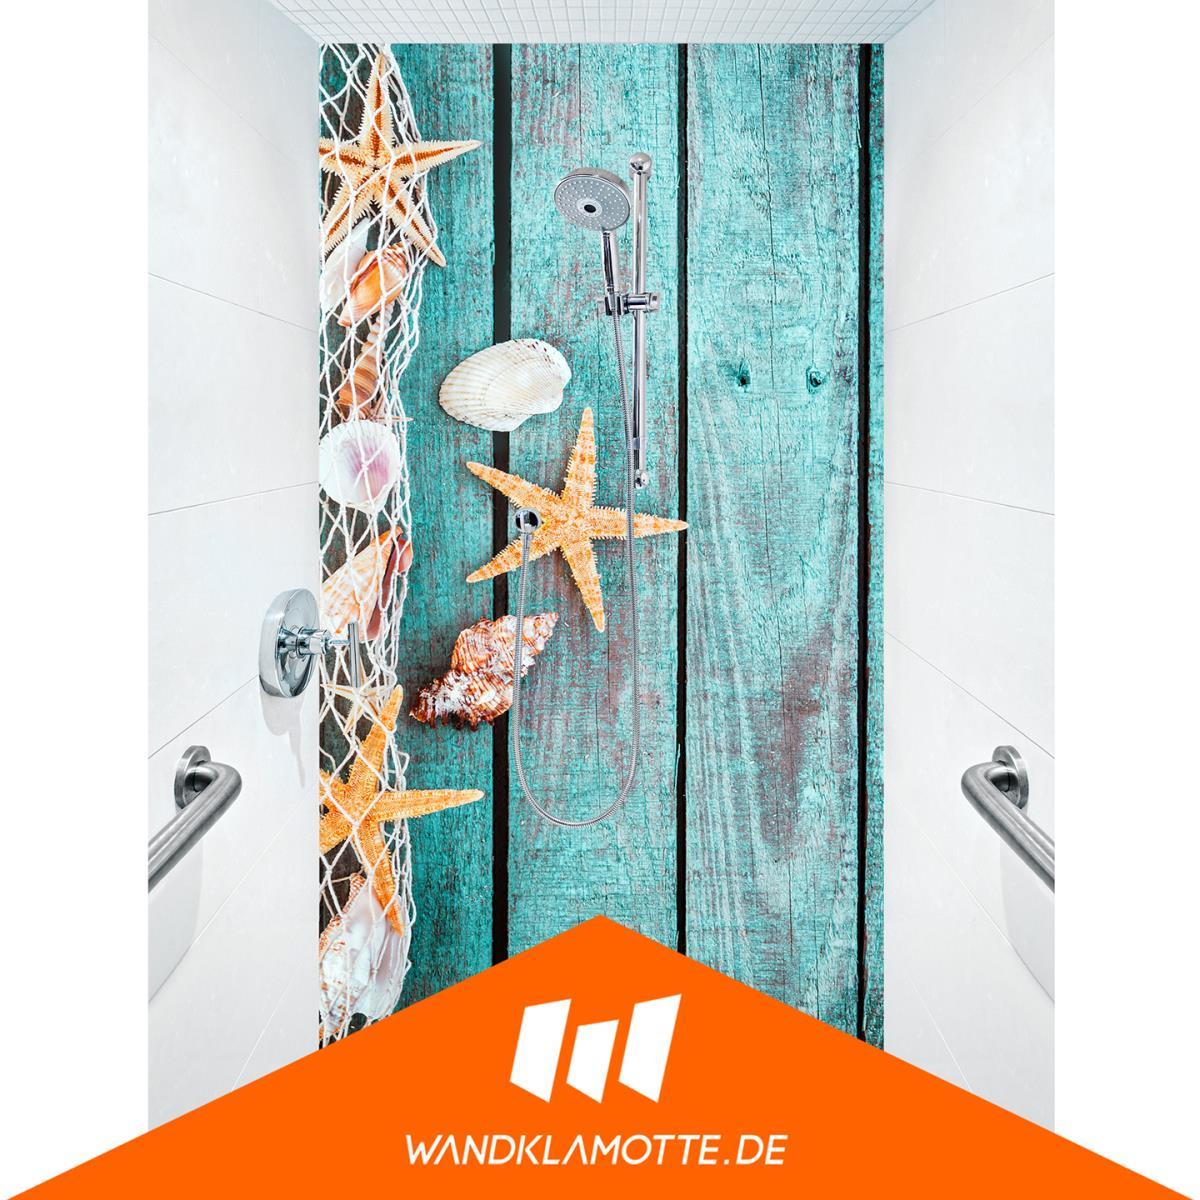 Wandklamotte De Designer In Wiesmoor Offnungszeiten